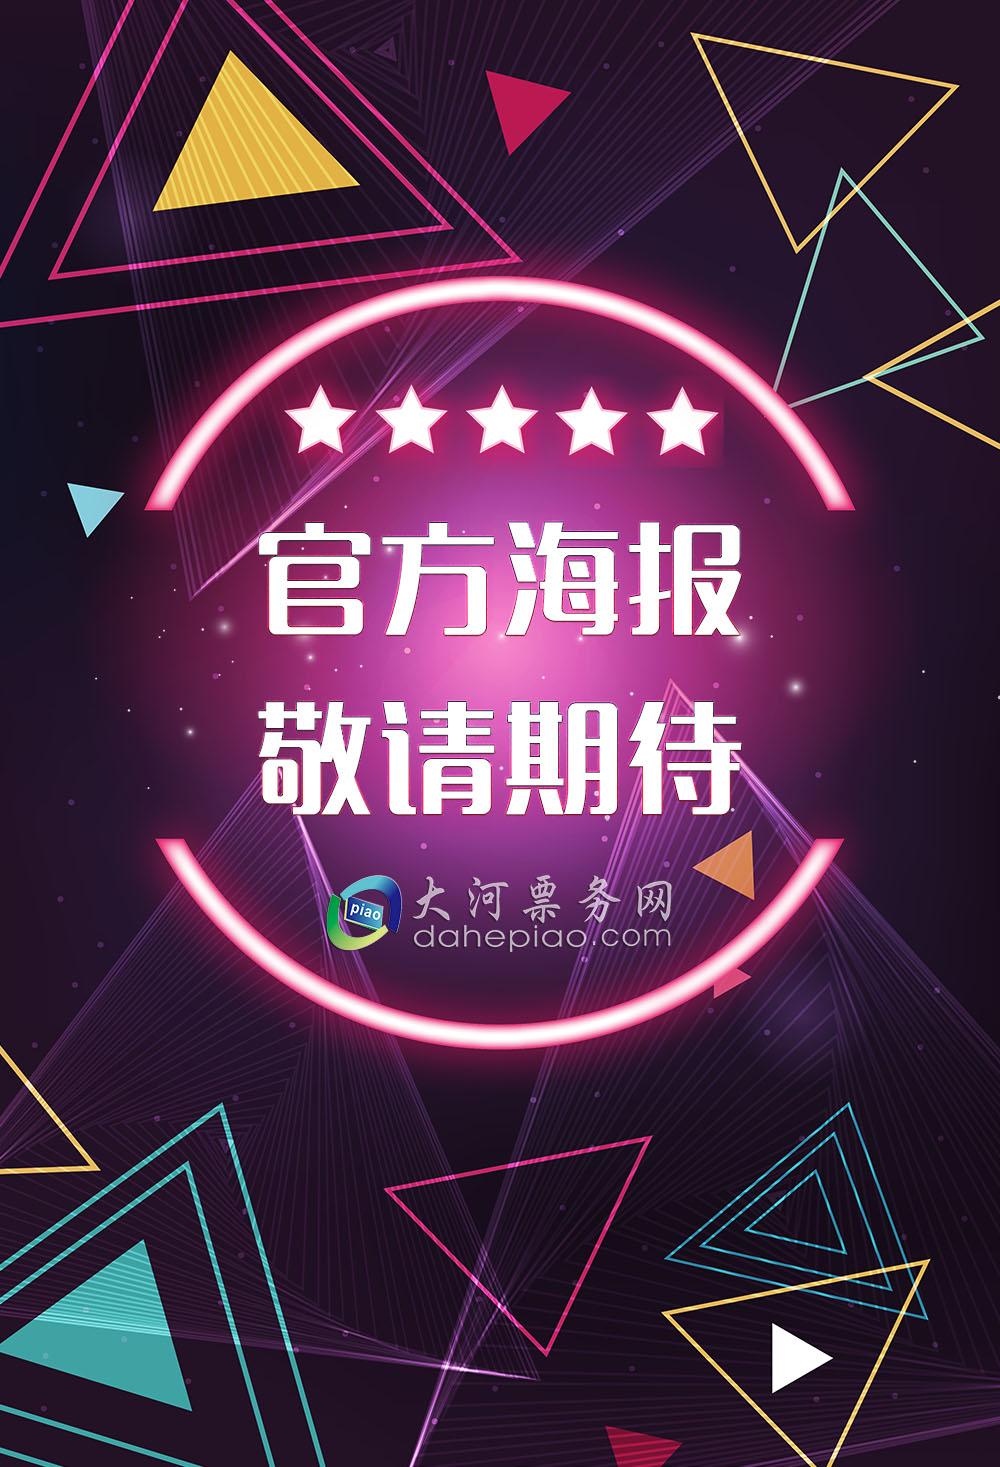 蔡徐坤2020巡回演唱会成都站